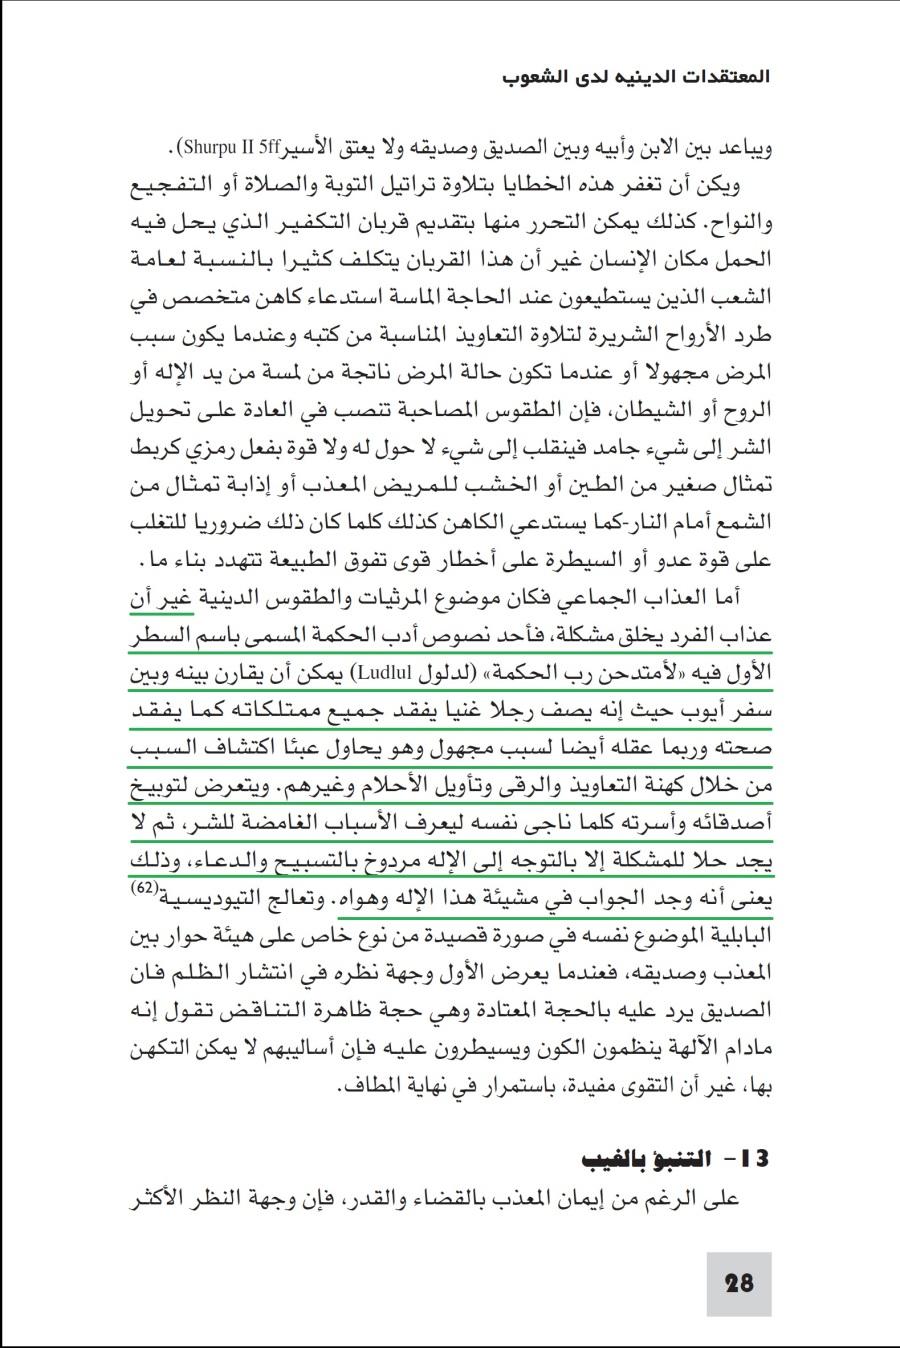 المعتقدات الدينية لدى الشعوب ص 28